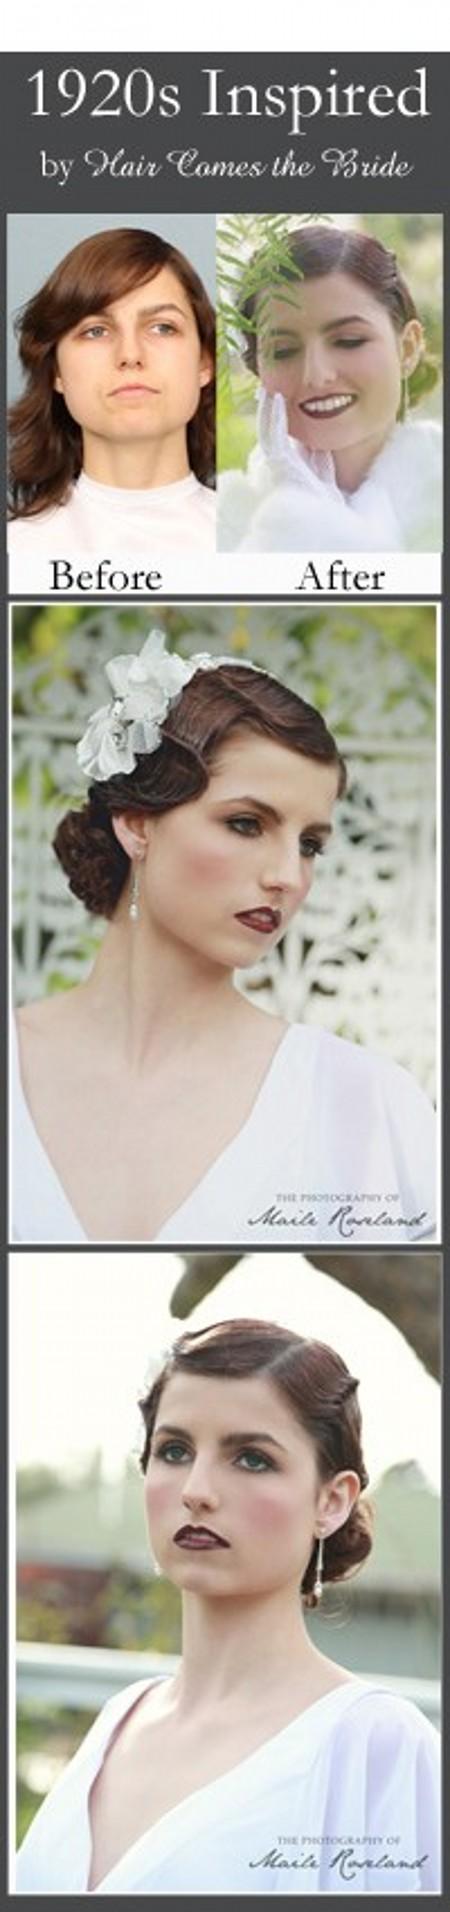 Короткие Прически Для Невест В Стиле 1920-х Годов Фотки